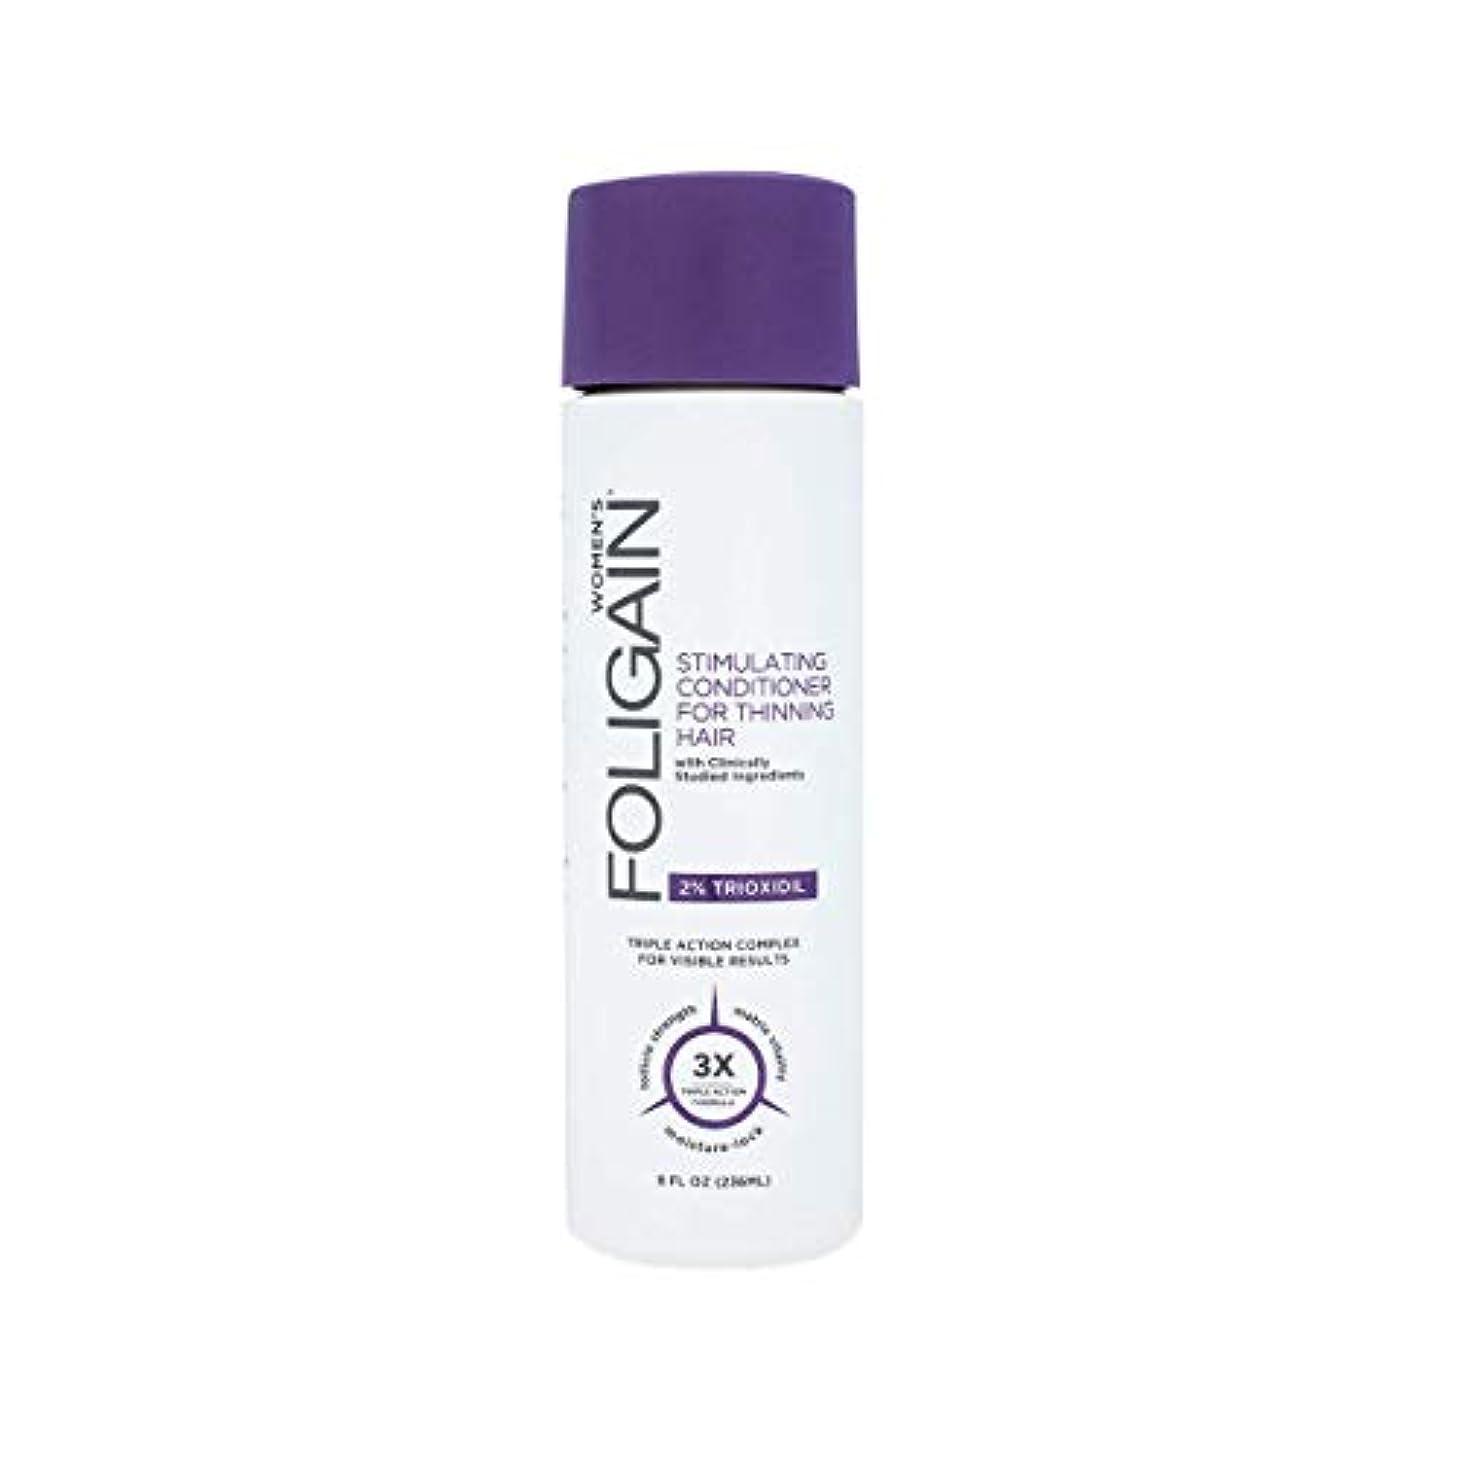 固有の拡散するじゃないフォリゲイン2%トリオキシジルシンニングヘアコンディショナー236ml / 8オンス